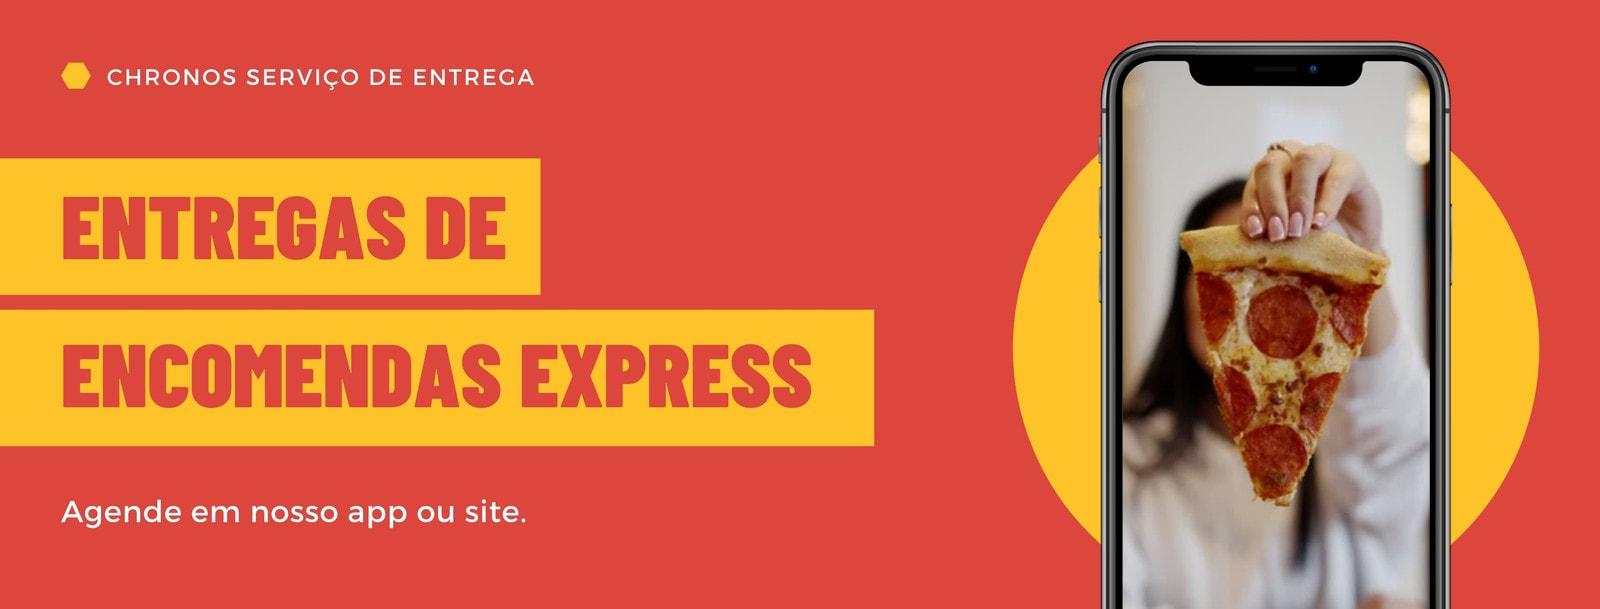 Vermelho e Amarelo Bloco de Cor Serviço de Entrega Empresa Capa para Facebook